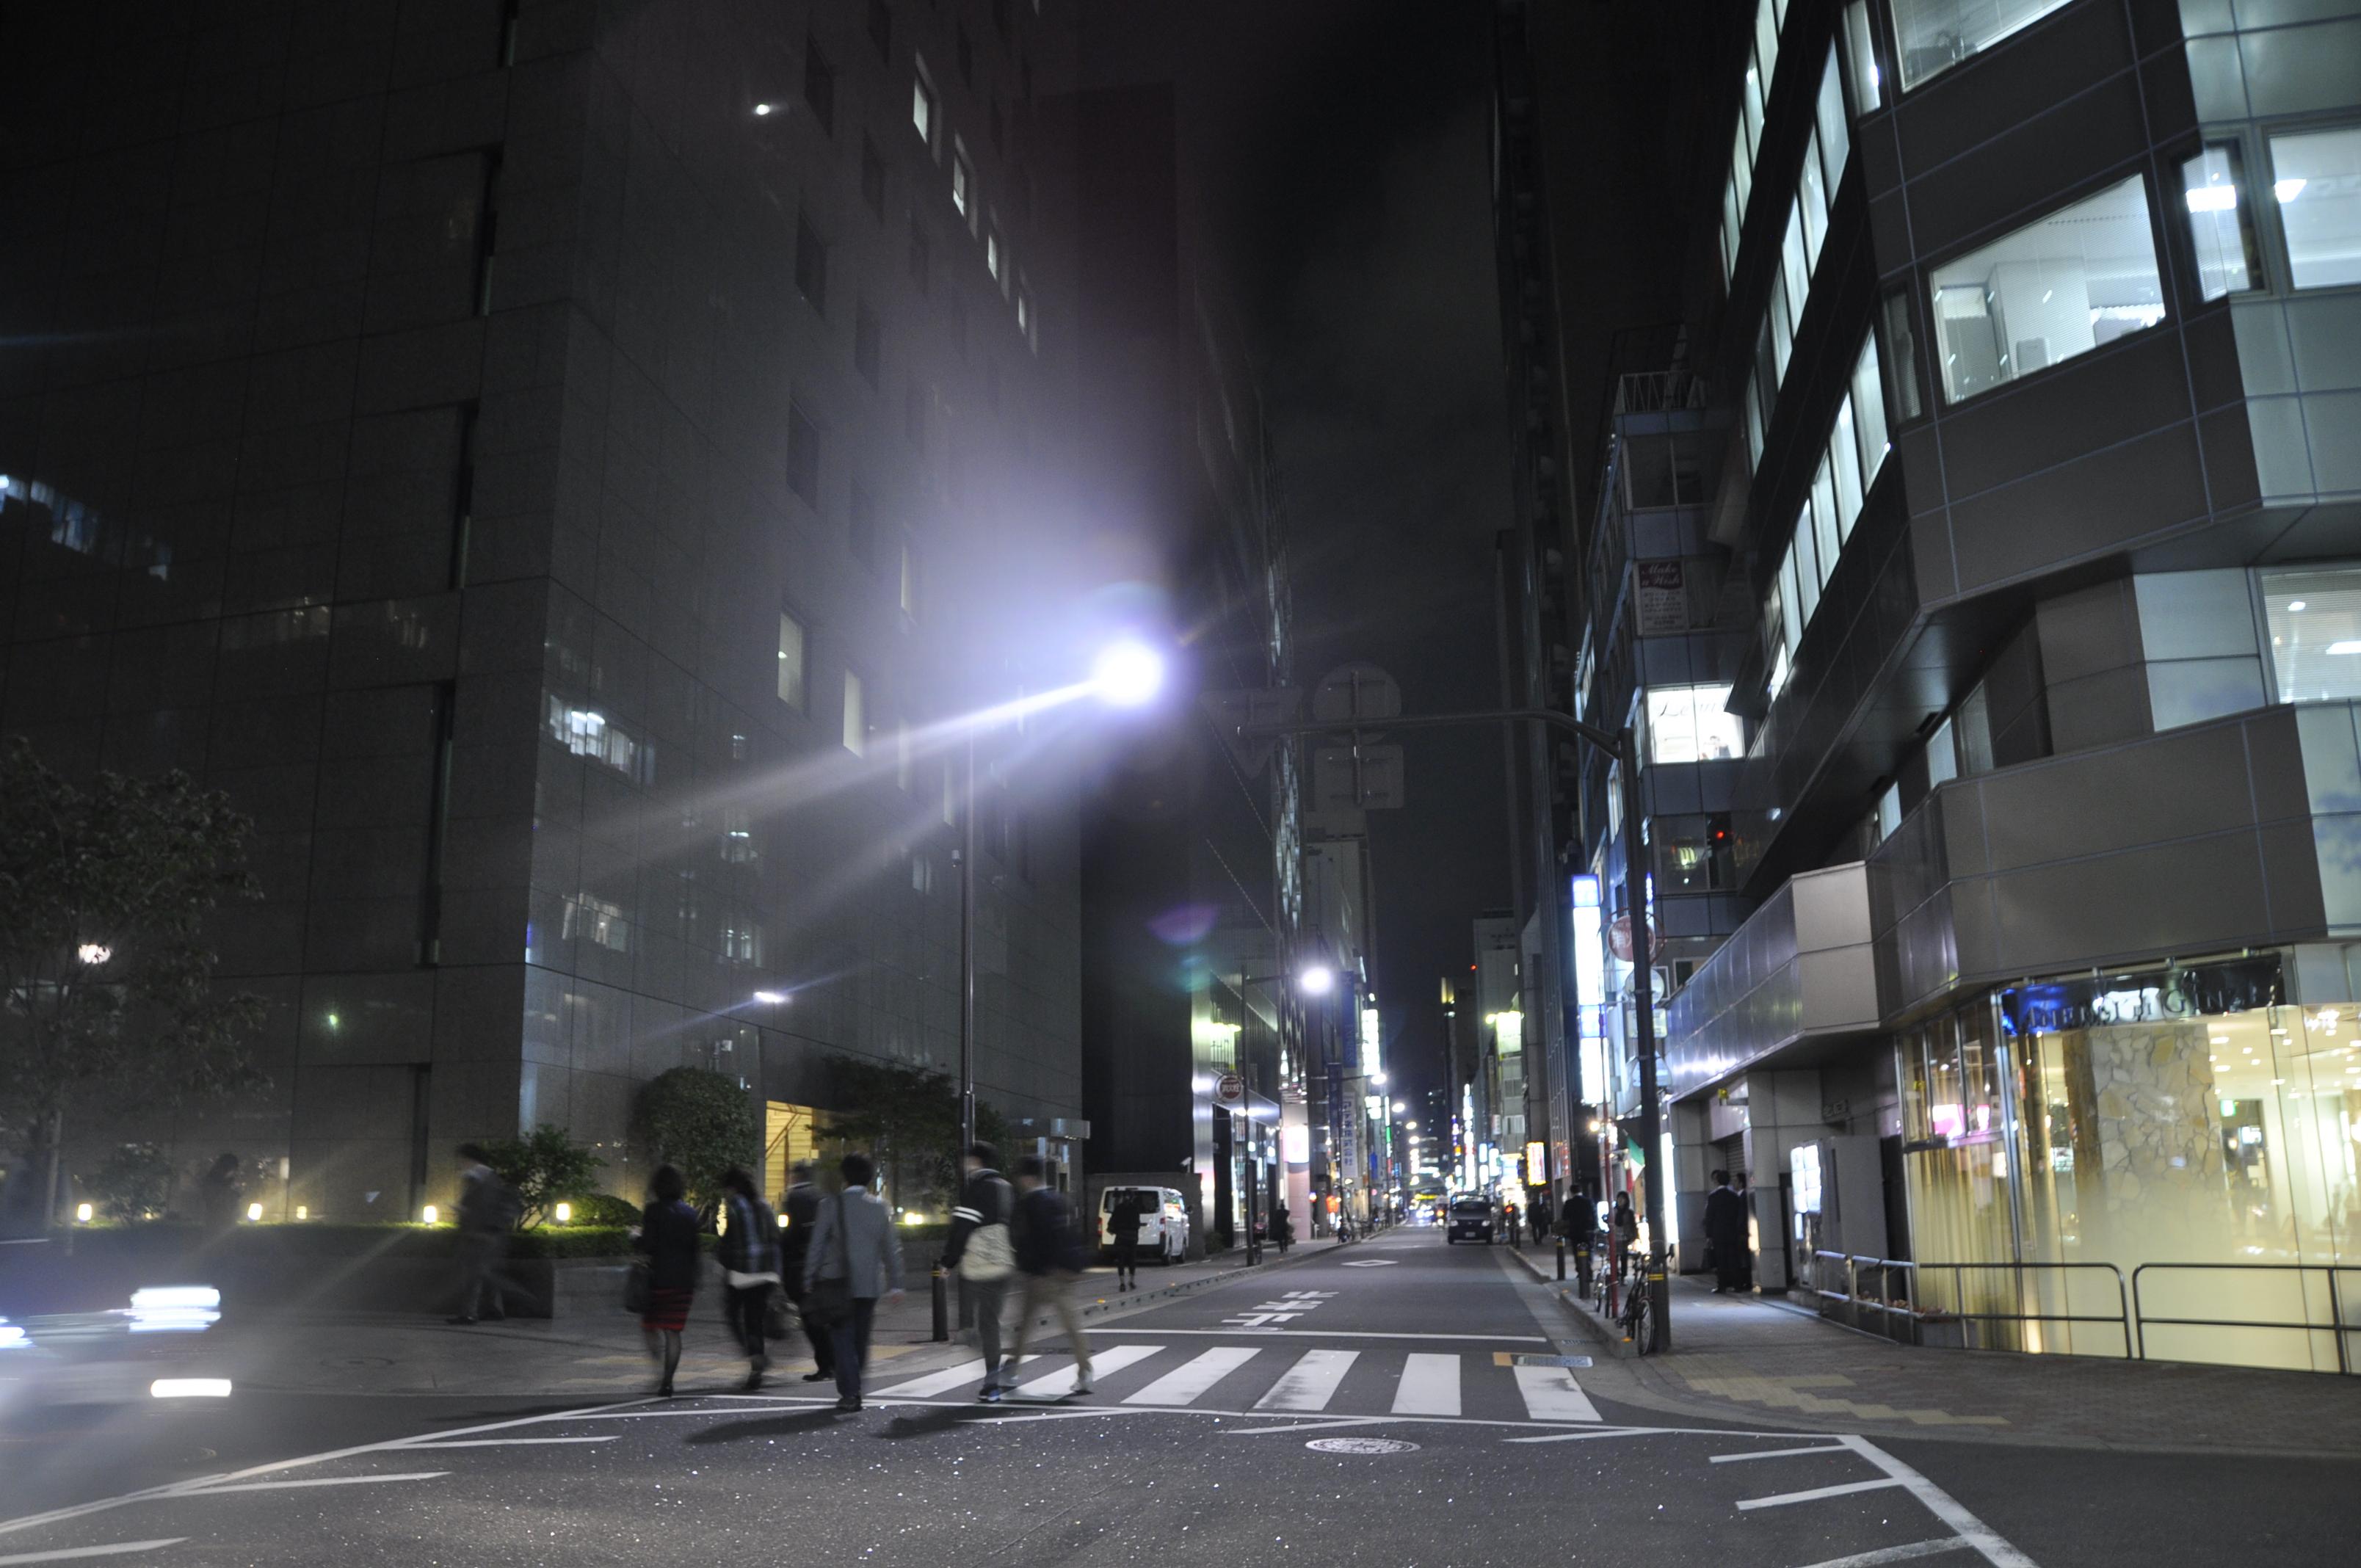 松屋通り、色温度高め、街路灯も白い